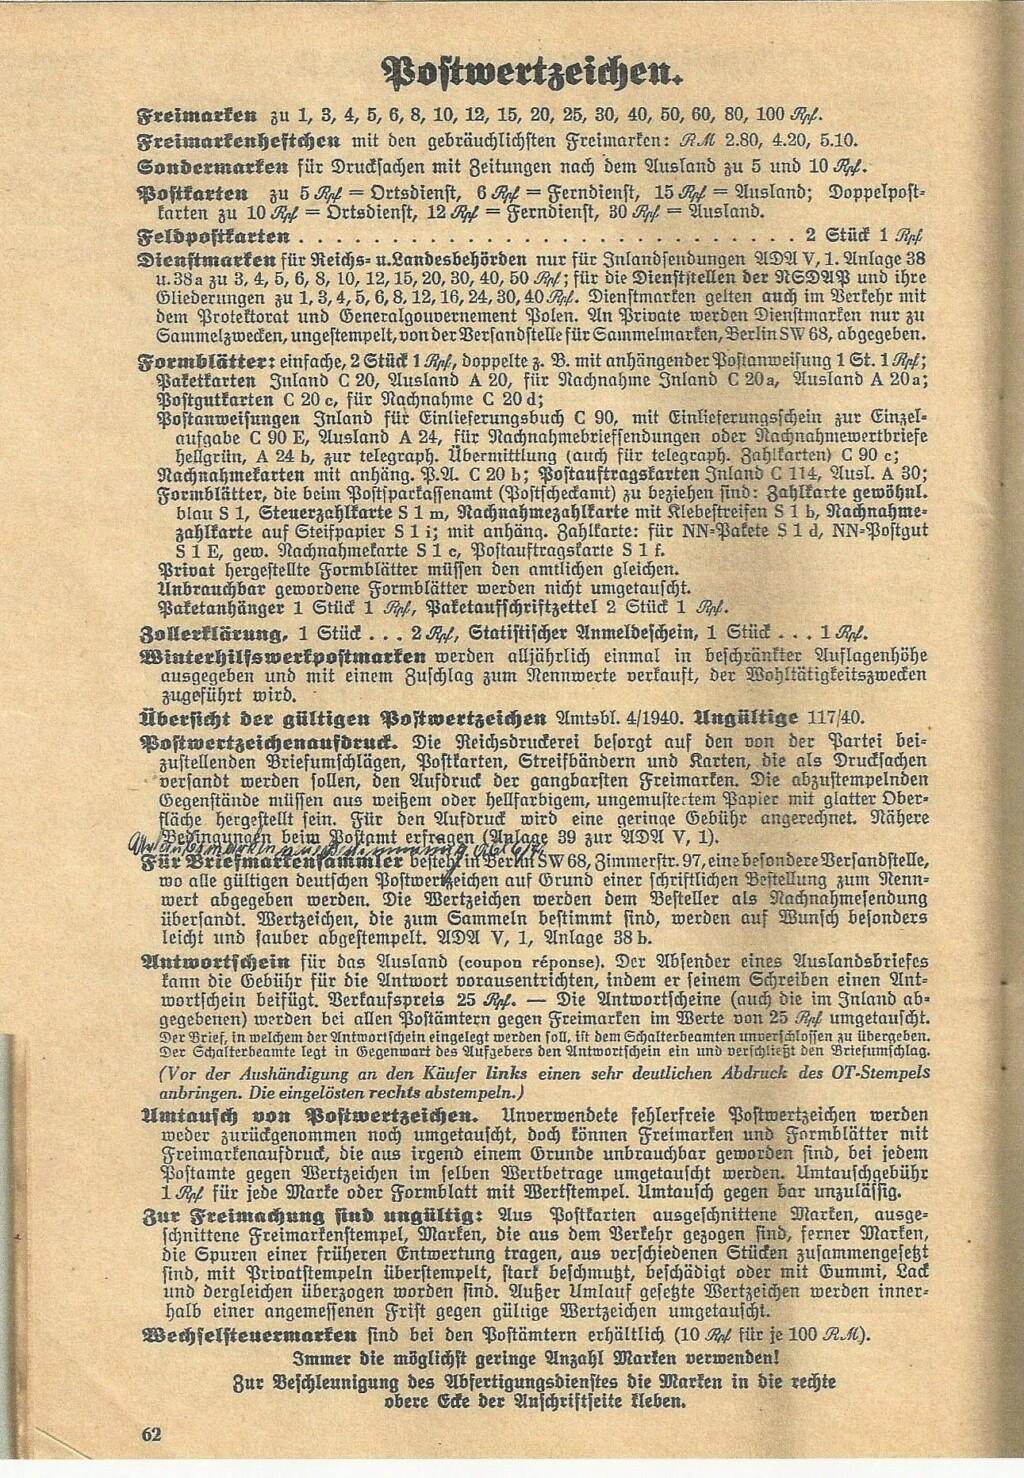 Österreich im III. Reich (Ostmark) Belege - Seite 21 Bild_566